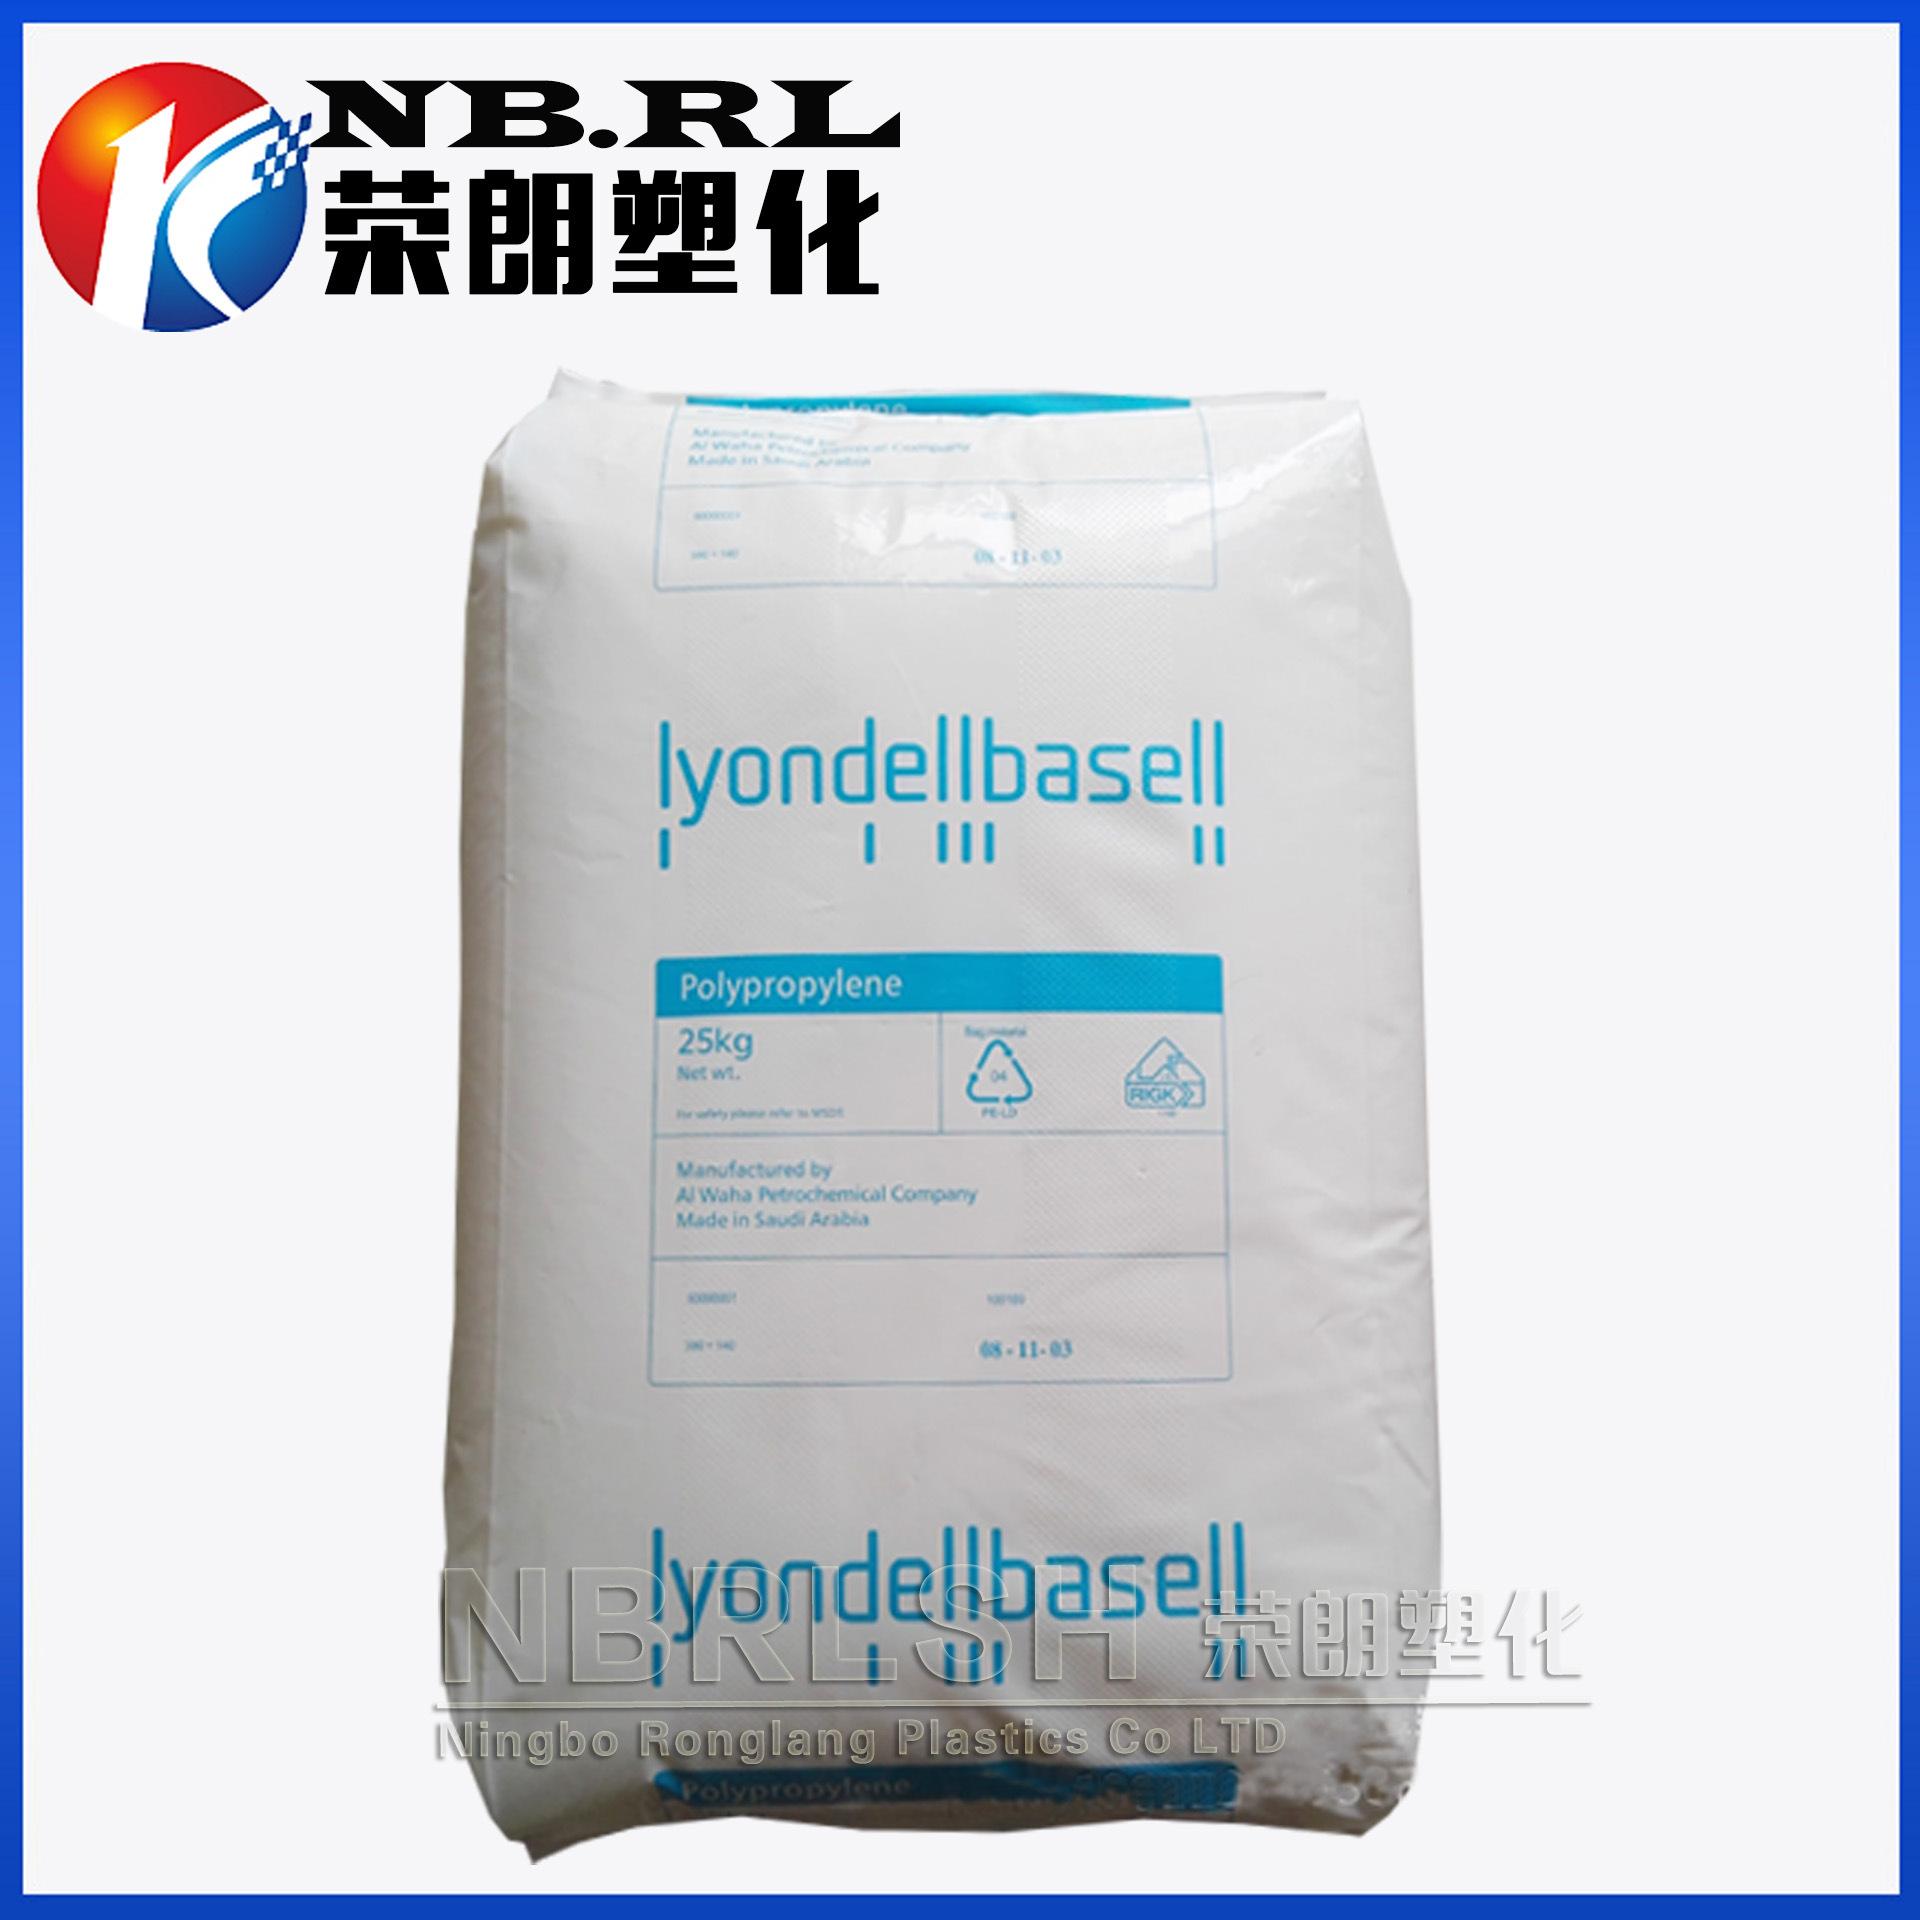 PP HA840R cho bao bì đựng thực phẩm, Lyondell Basel / polypropylene trong suốt cao, nguyên liệu hóa